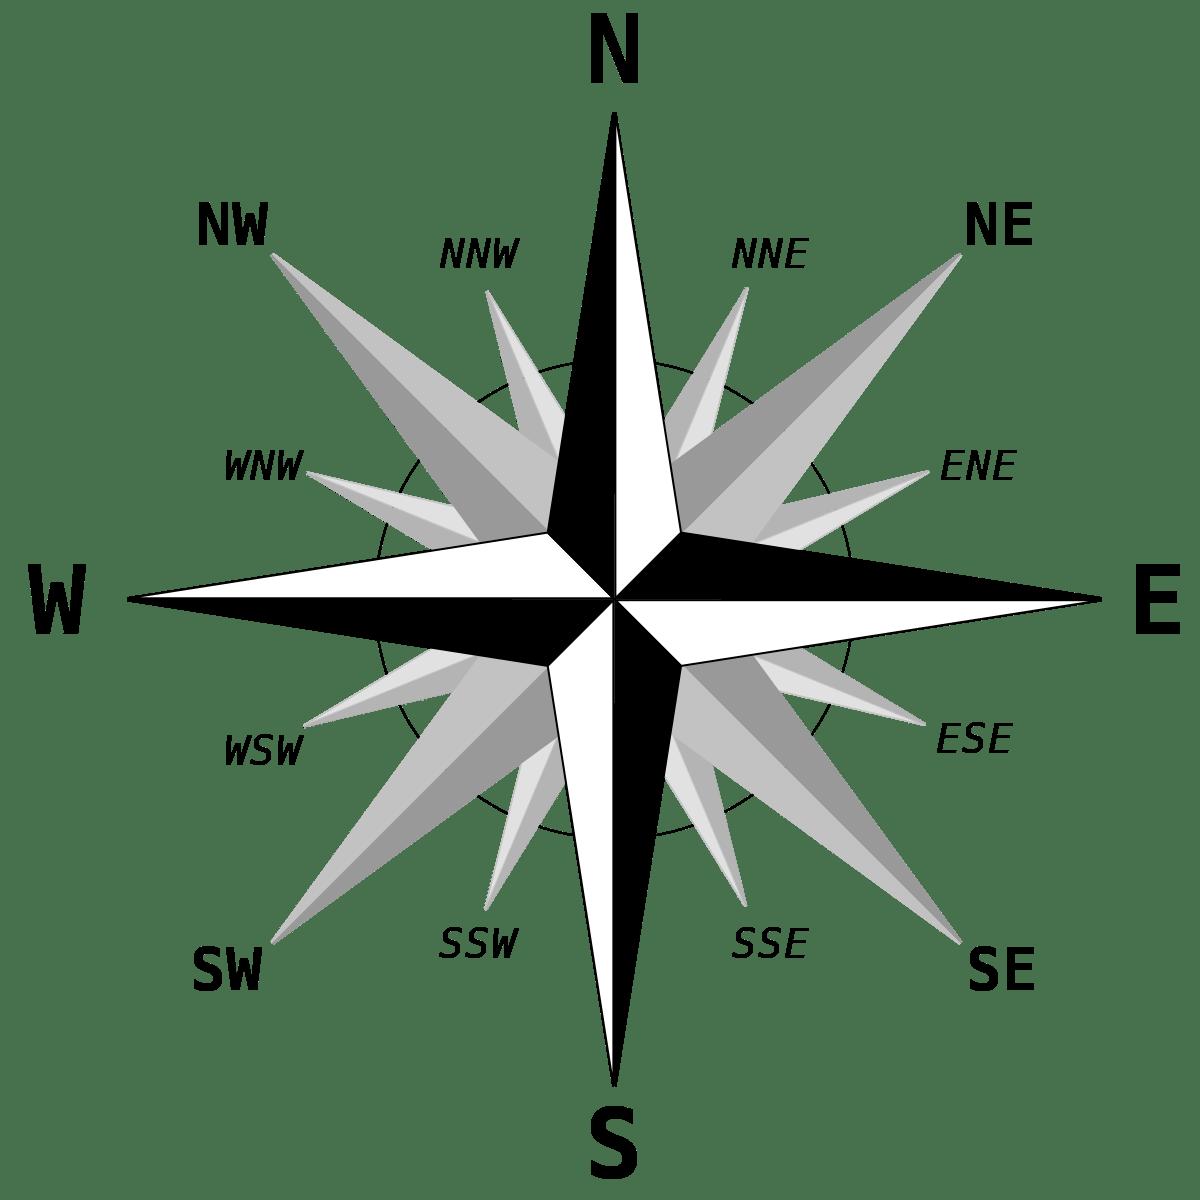 Қалыпты компассыз қалай анықтауға болады, солтүстік, Оңтүстік, Батыс және Шығыс: Практикалық кеңестер